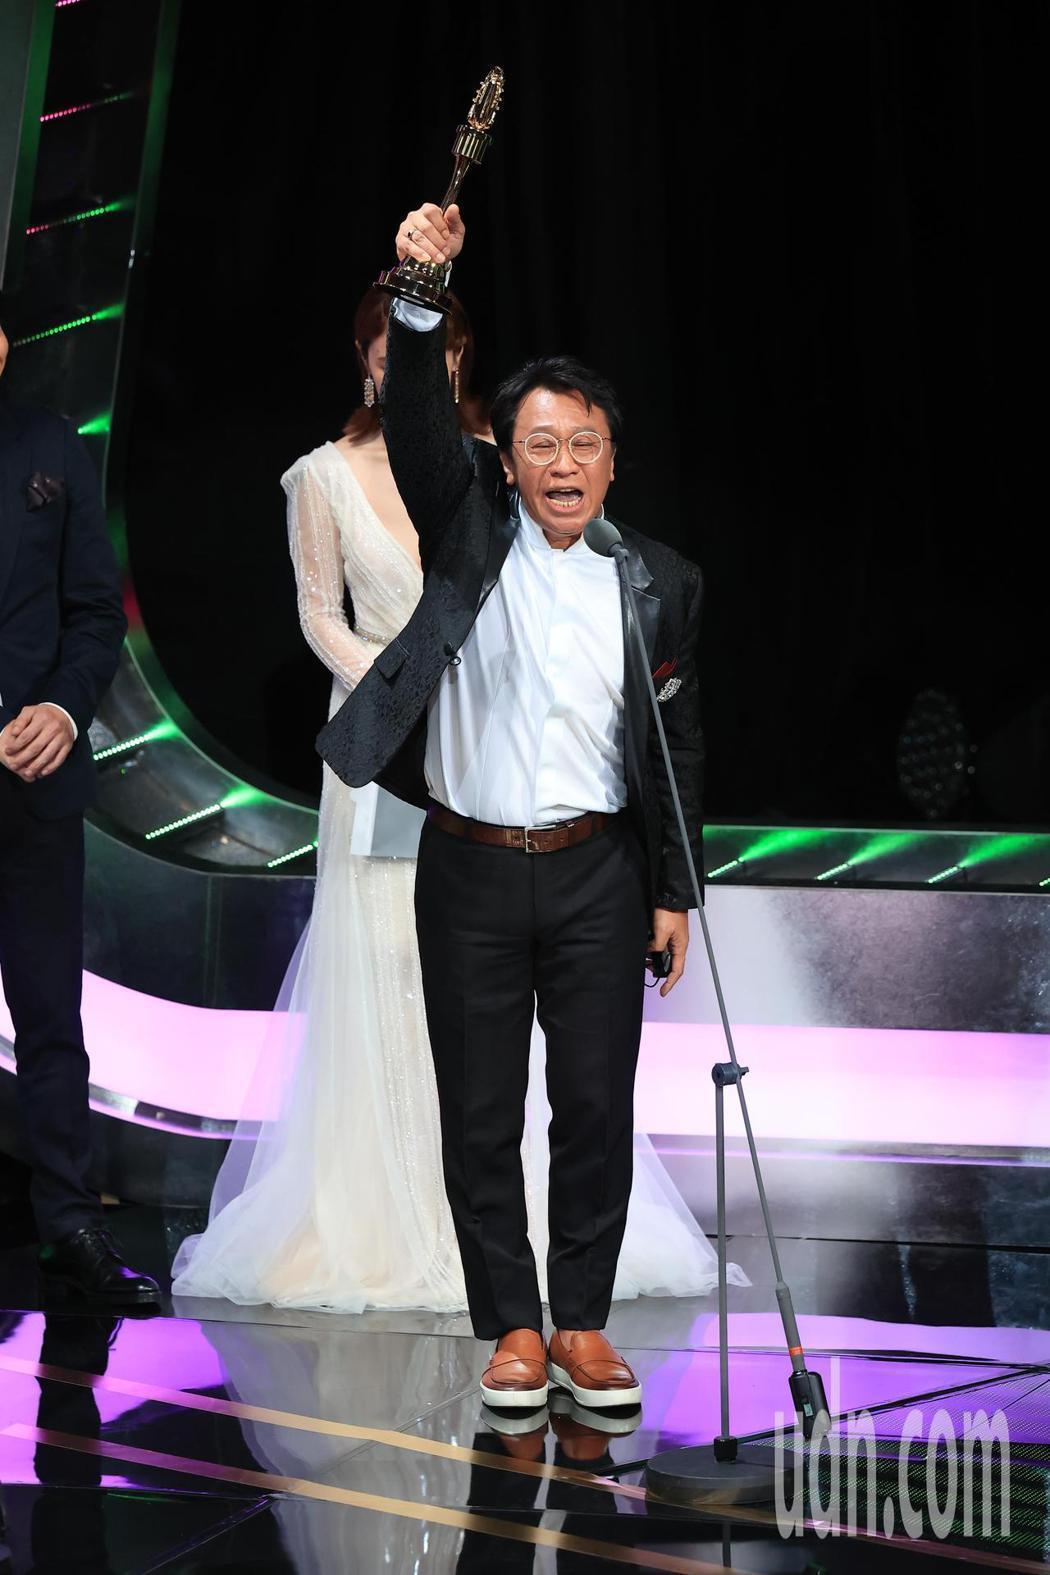 第55屆金鐘獎頒獎典禮在國父紀念館舉行,迷你劇集電視電影男配角獎由游安順獲得。記